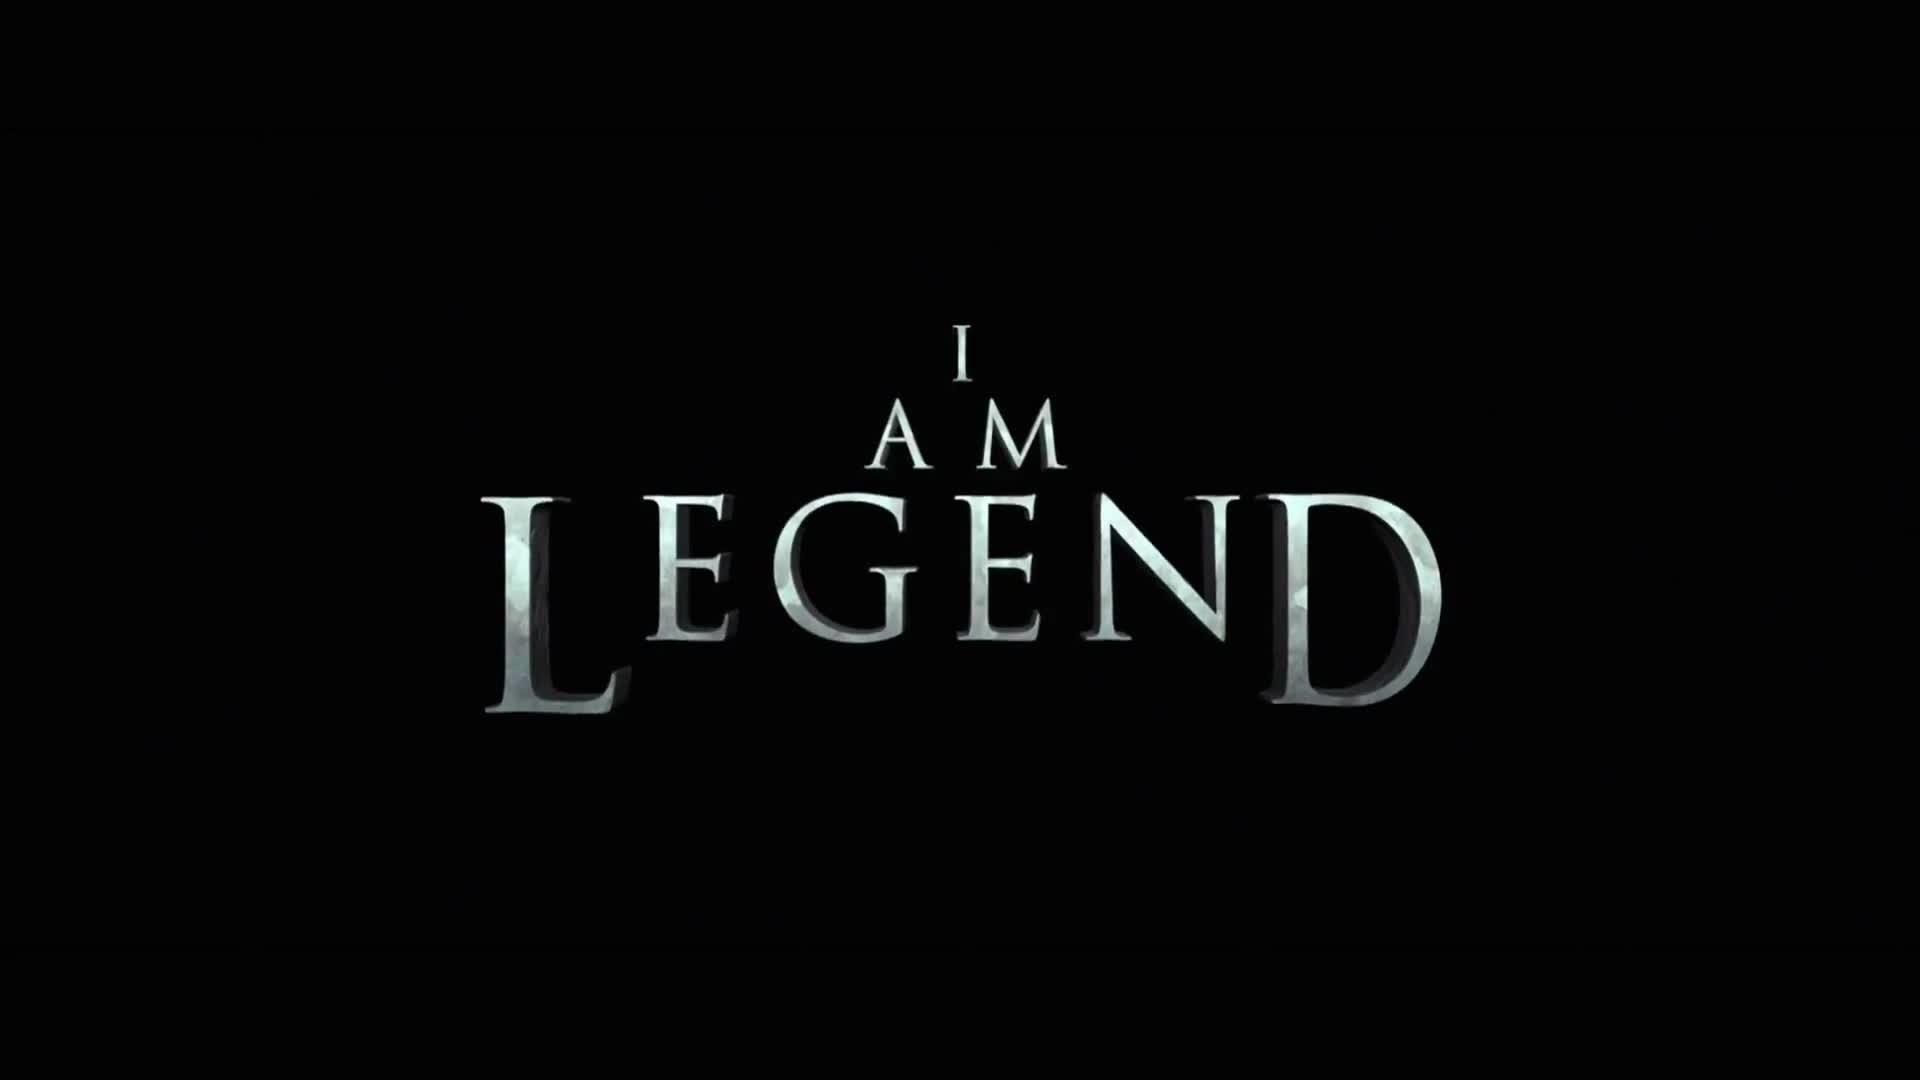 I Am Legend Wallpaper I Am Legend Wallpapers...